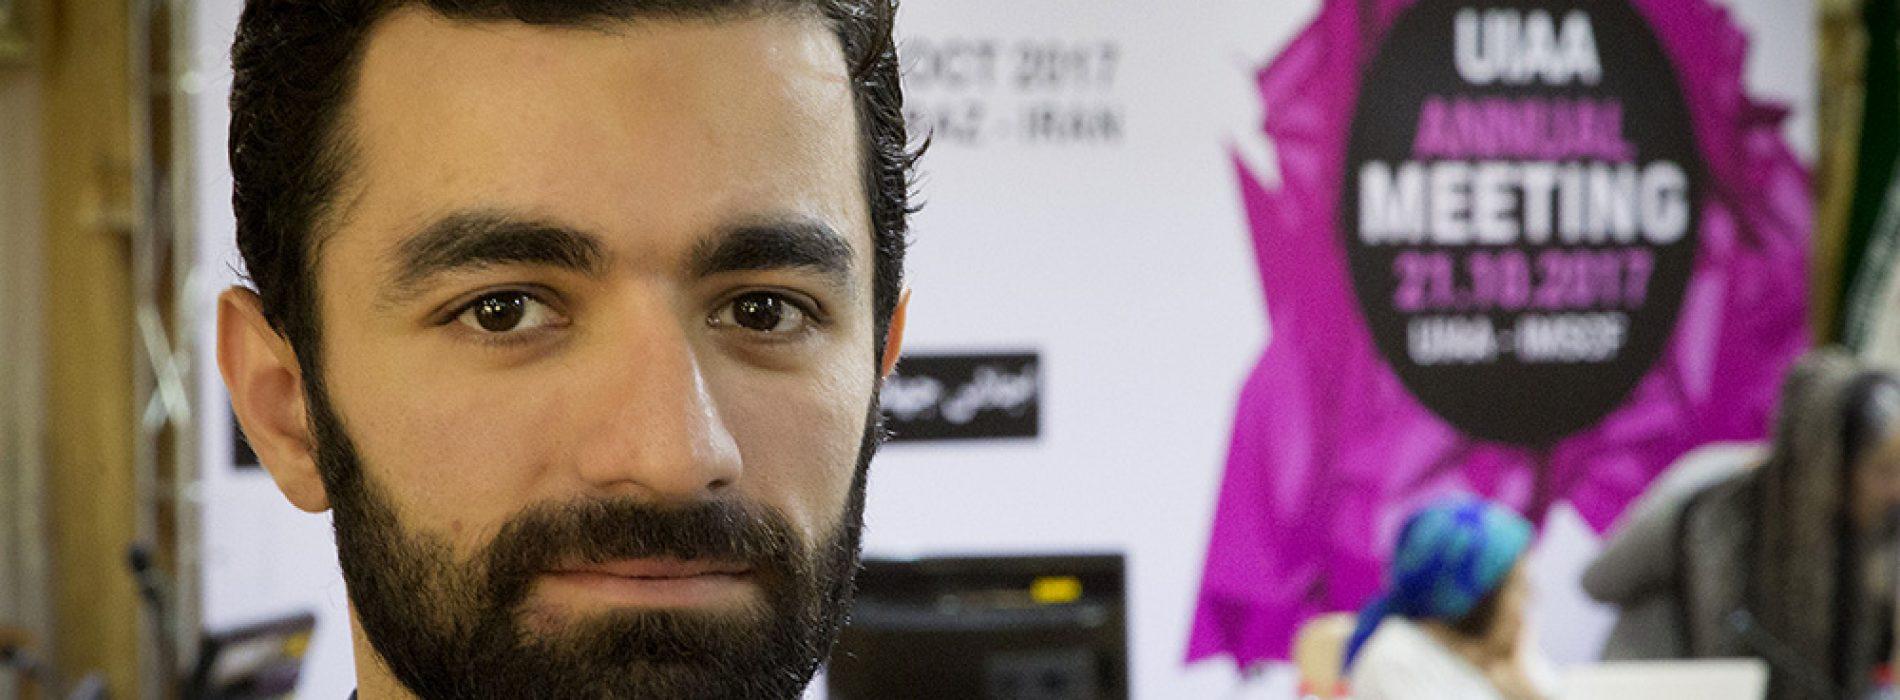 حضور «محمد امین حواله دار نژاد» در کادر داوری مسابقات جوانان جهان